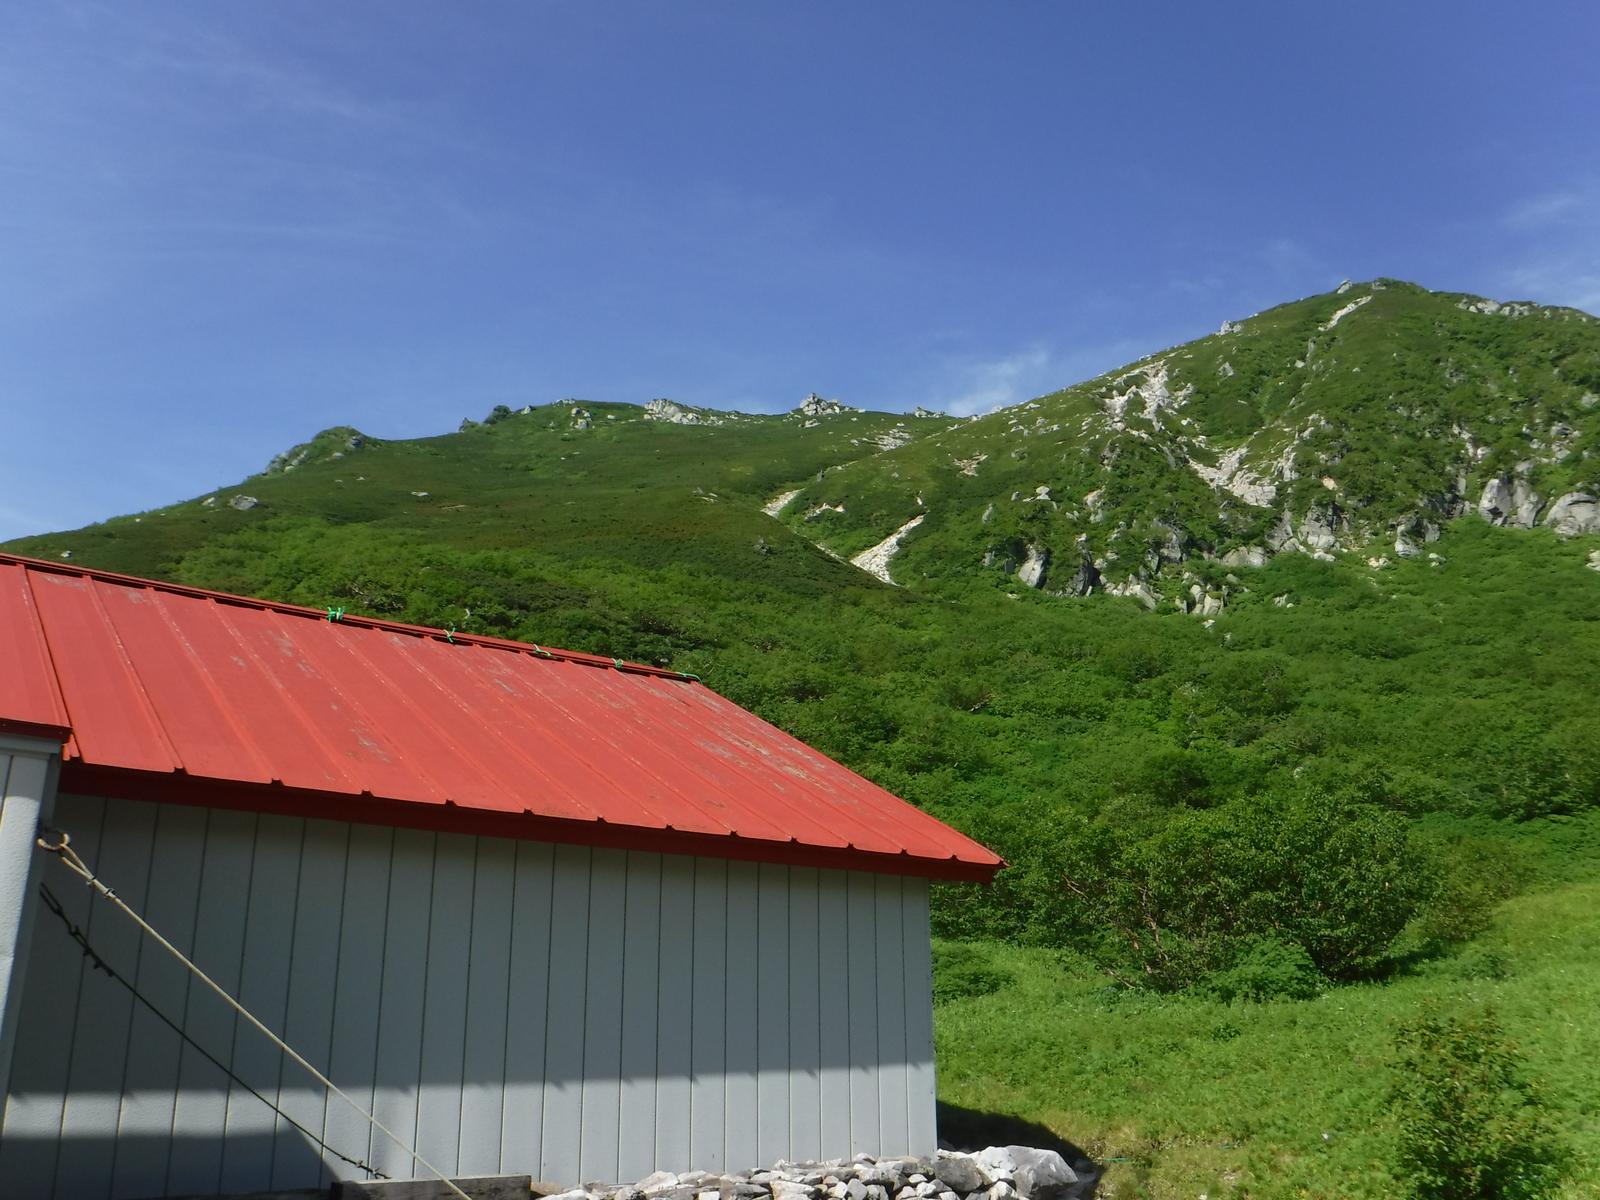 避難小屋は空木平避難小屋と似た構造、水場がなさそう?